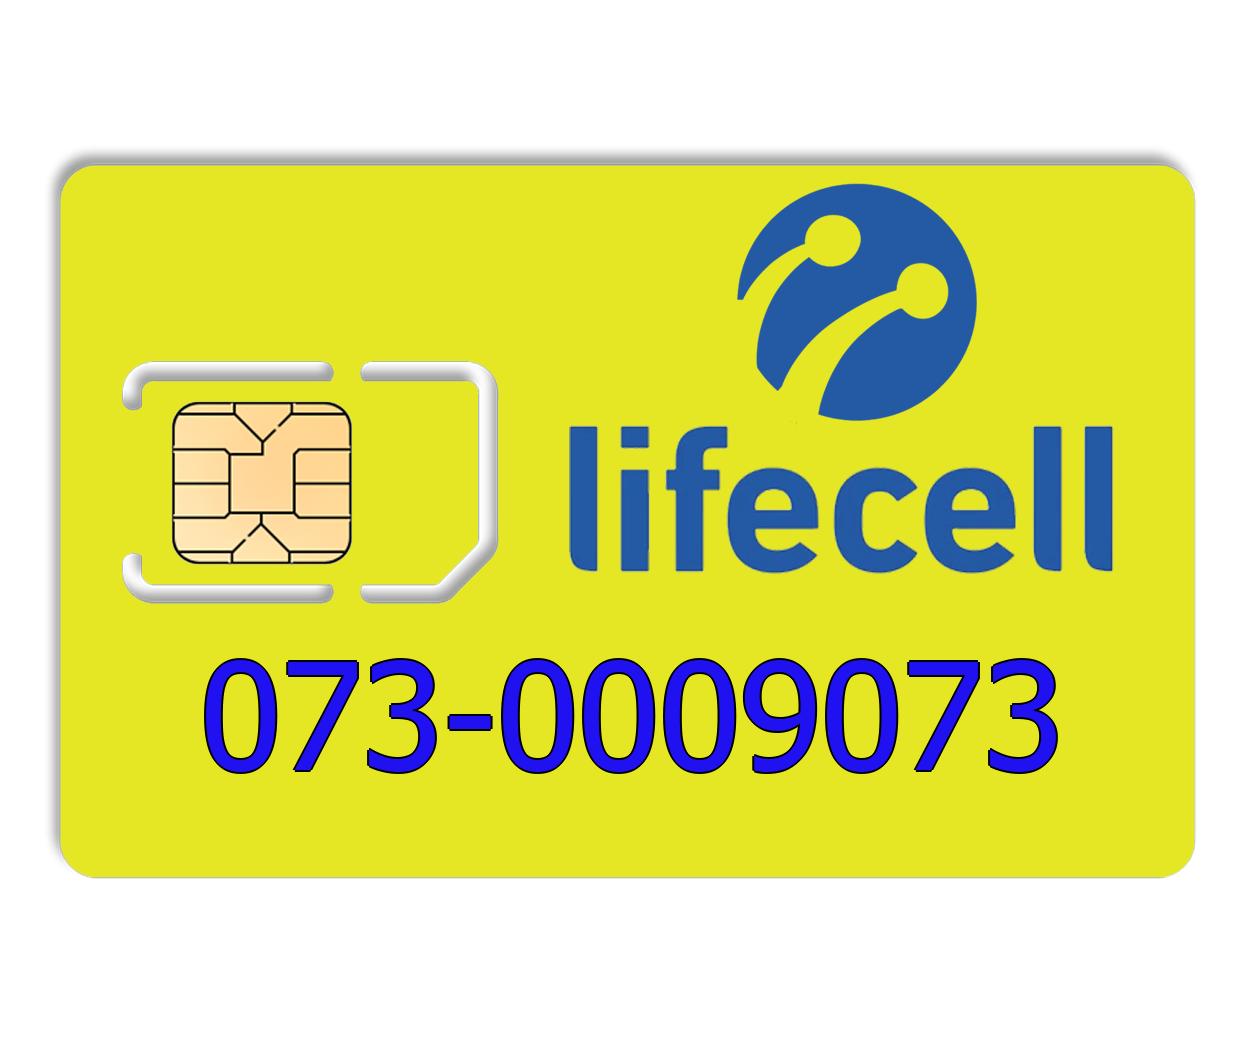 Красивый номер lifecell 073-0009073